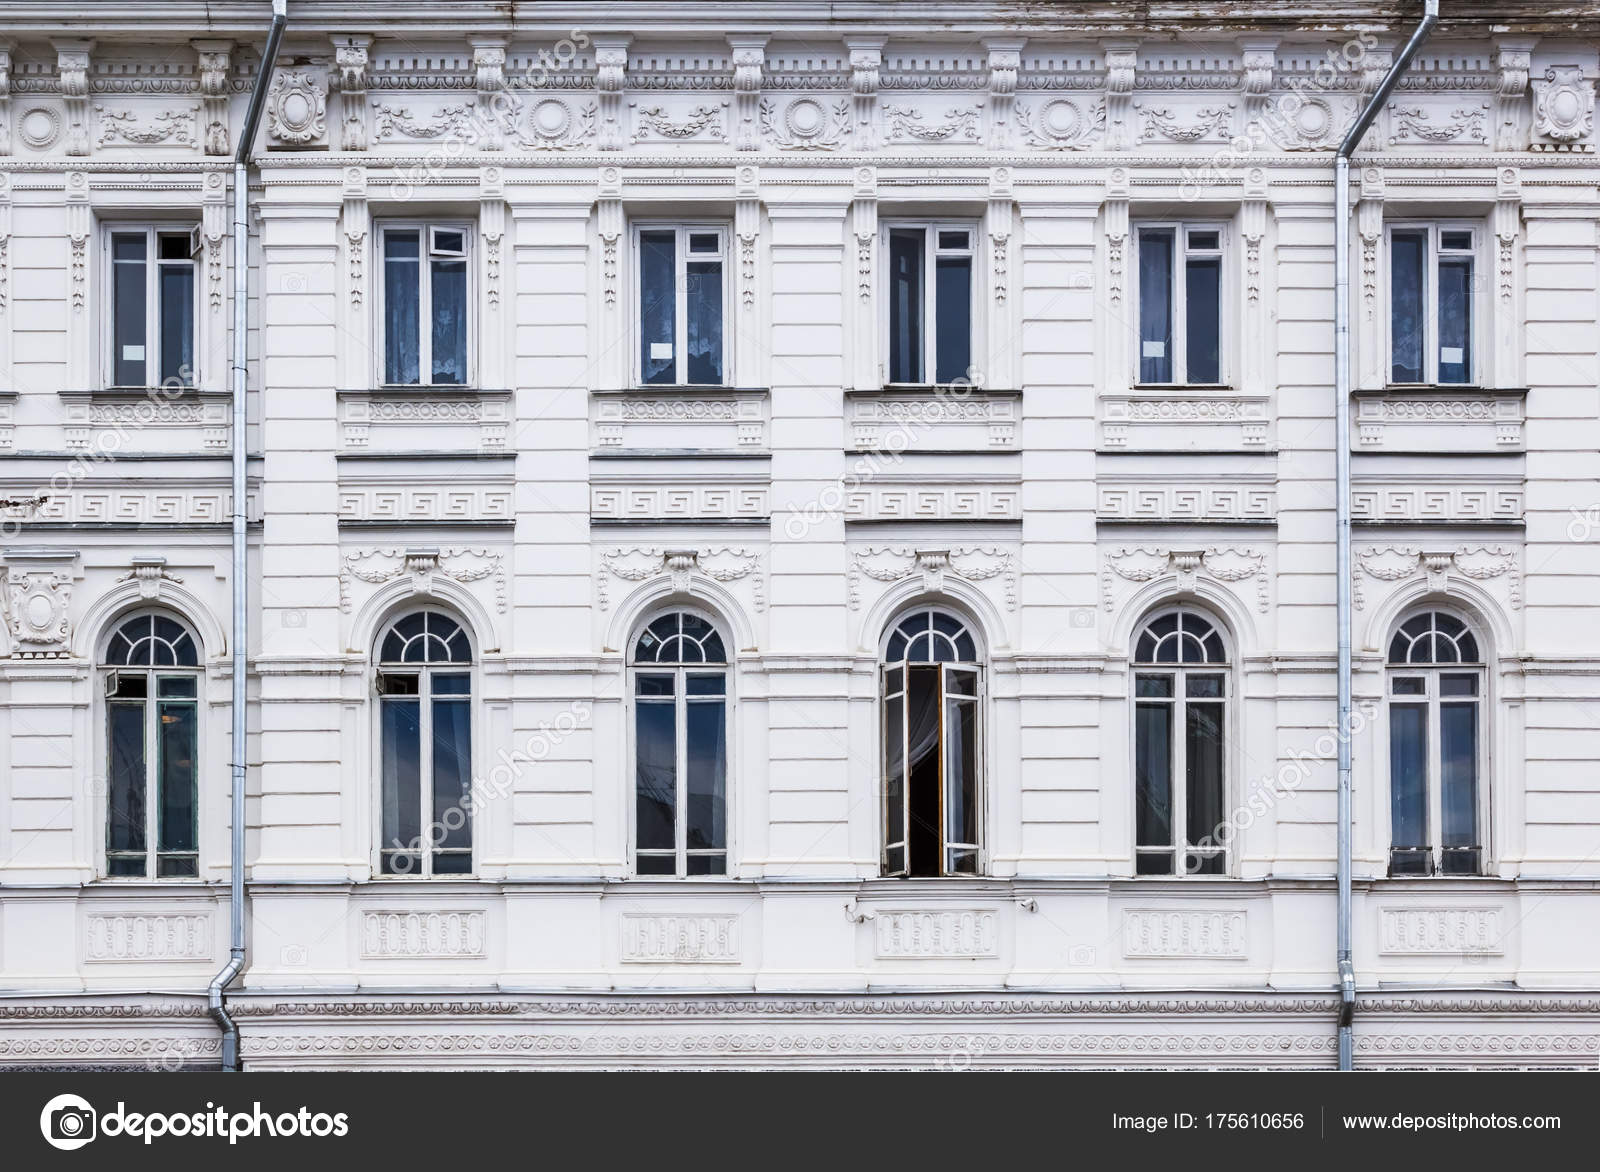 Fries Architektur vintage architektur weißem stuck klassische fassade reich verziert